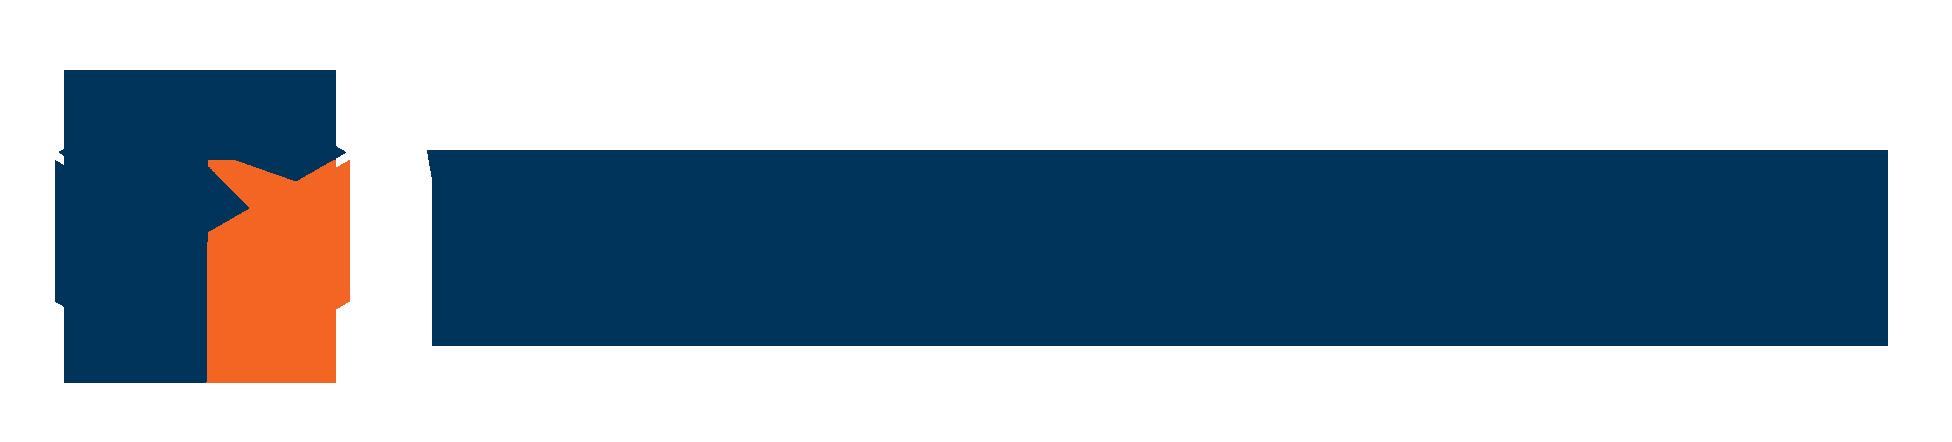 WorldWideMarkets - WWM